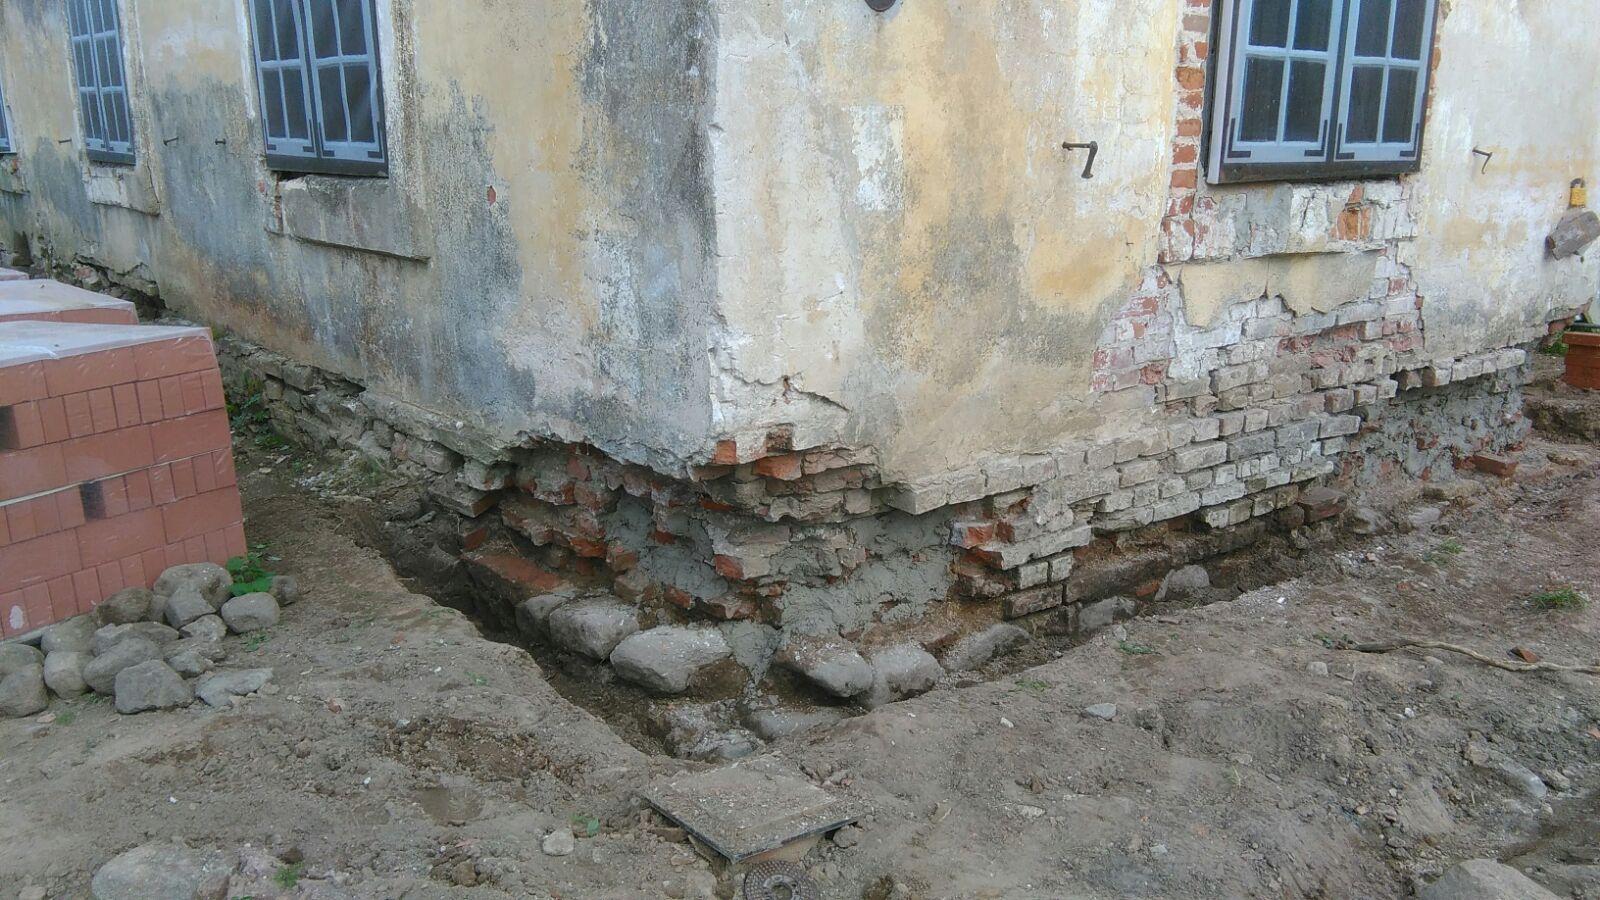 Ēkas stūris cietis no sala iedarbības. Oderējums pirms mūra atjaunošanas